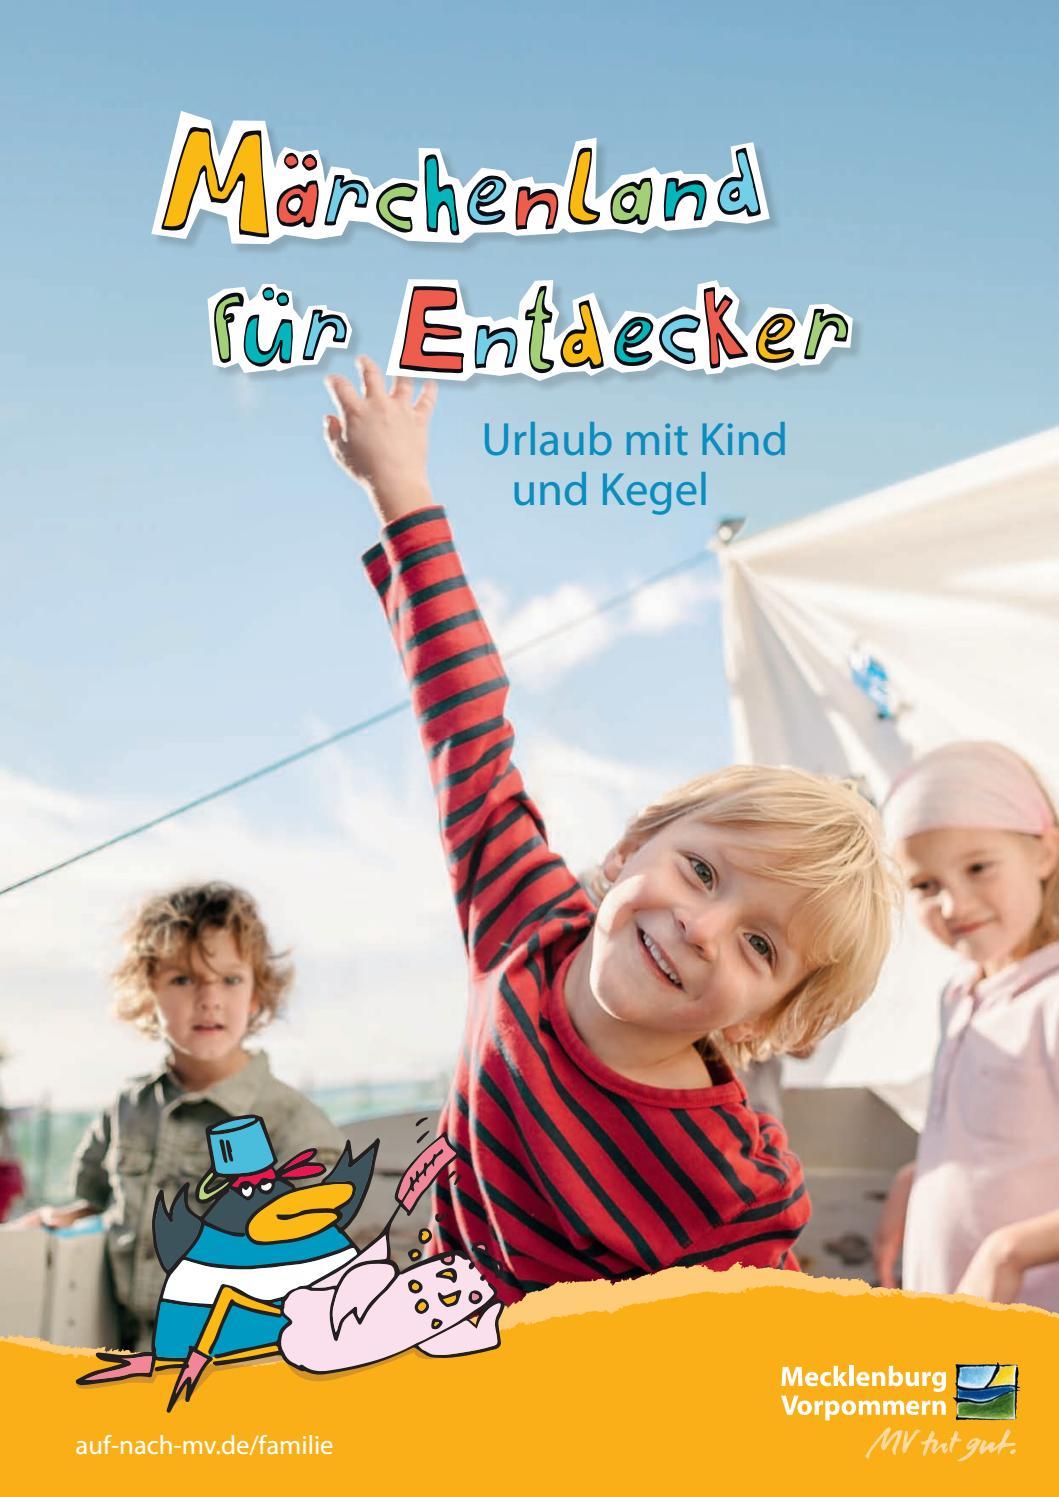 familienurlaub in mecklenburg vorpommern by tourismusverband  piraten ankern in meck pomm open air in grevesmuhlen #6